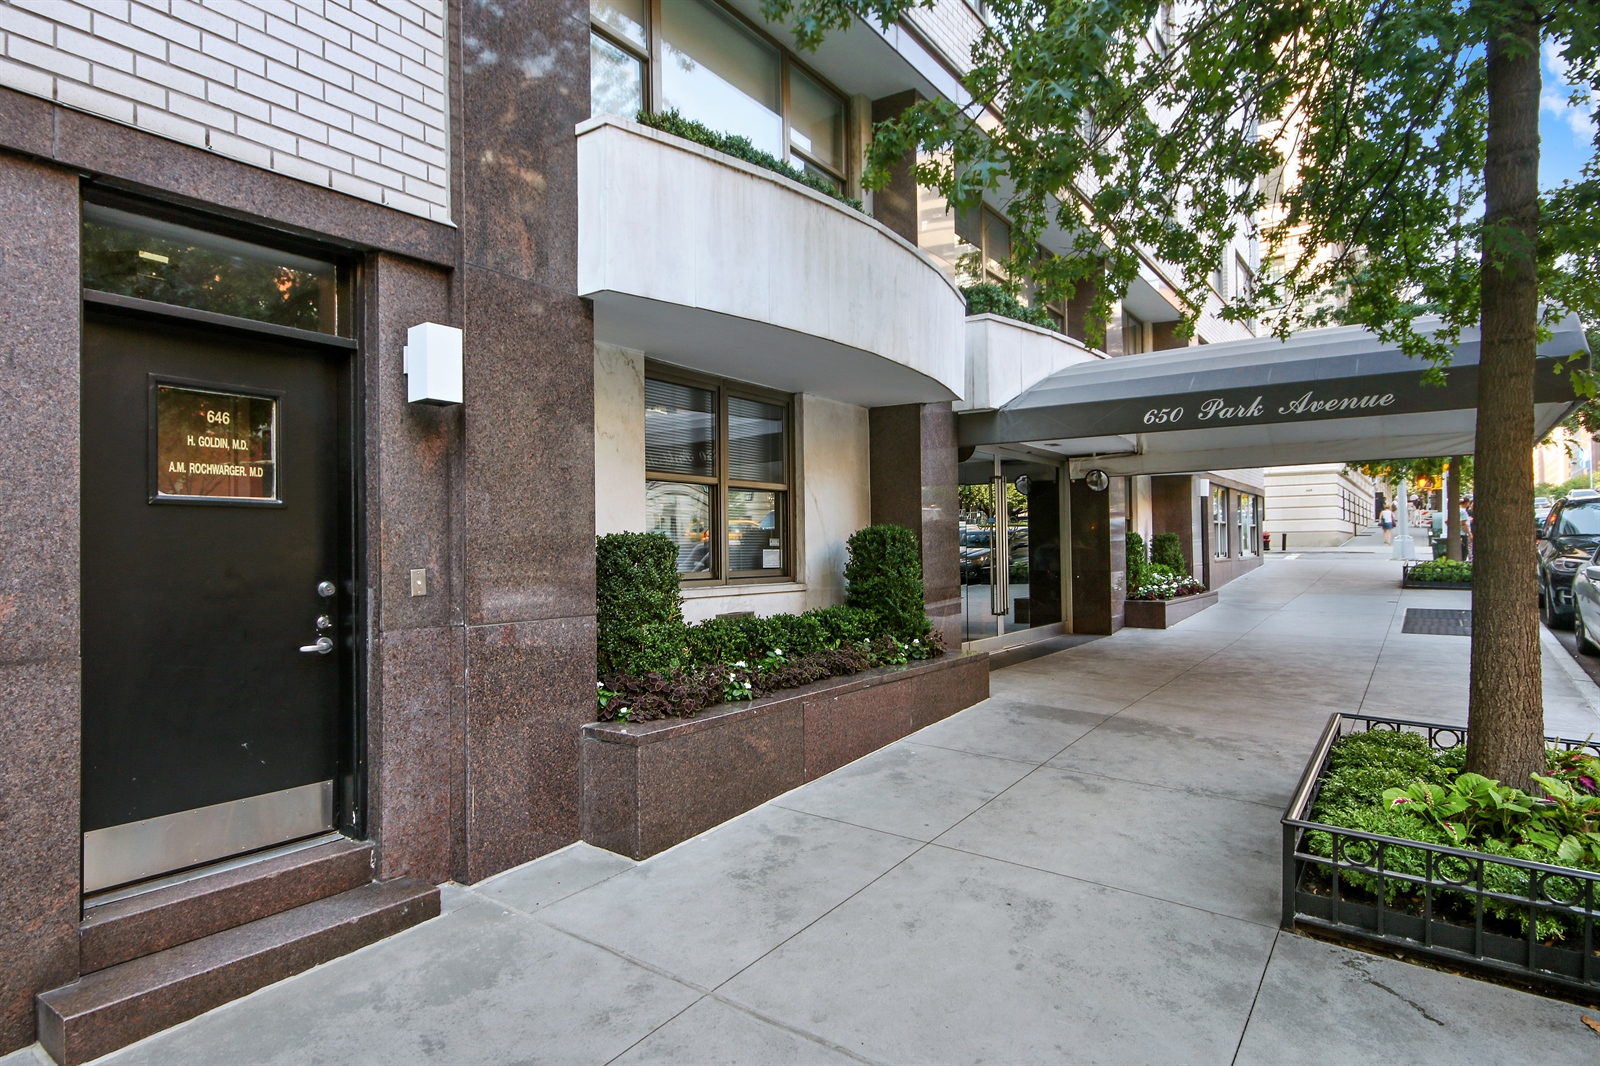 646 Park Avenue Office Exterior